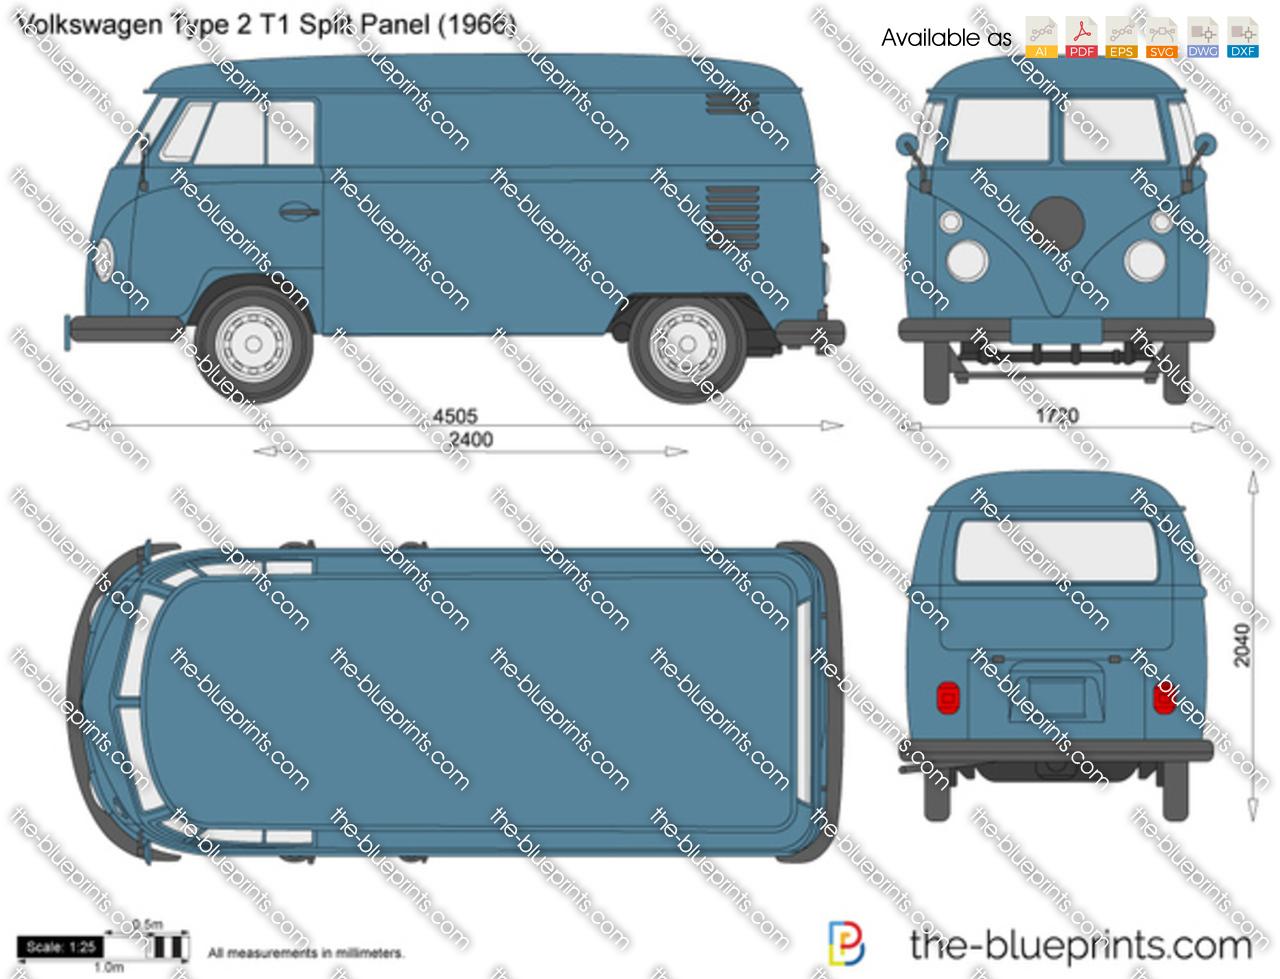 Volkswagen Type 2 T1 Split Panel 1955